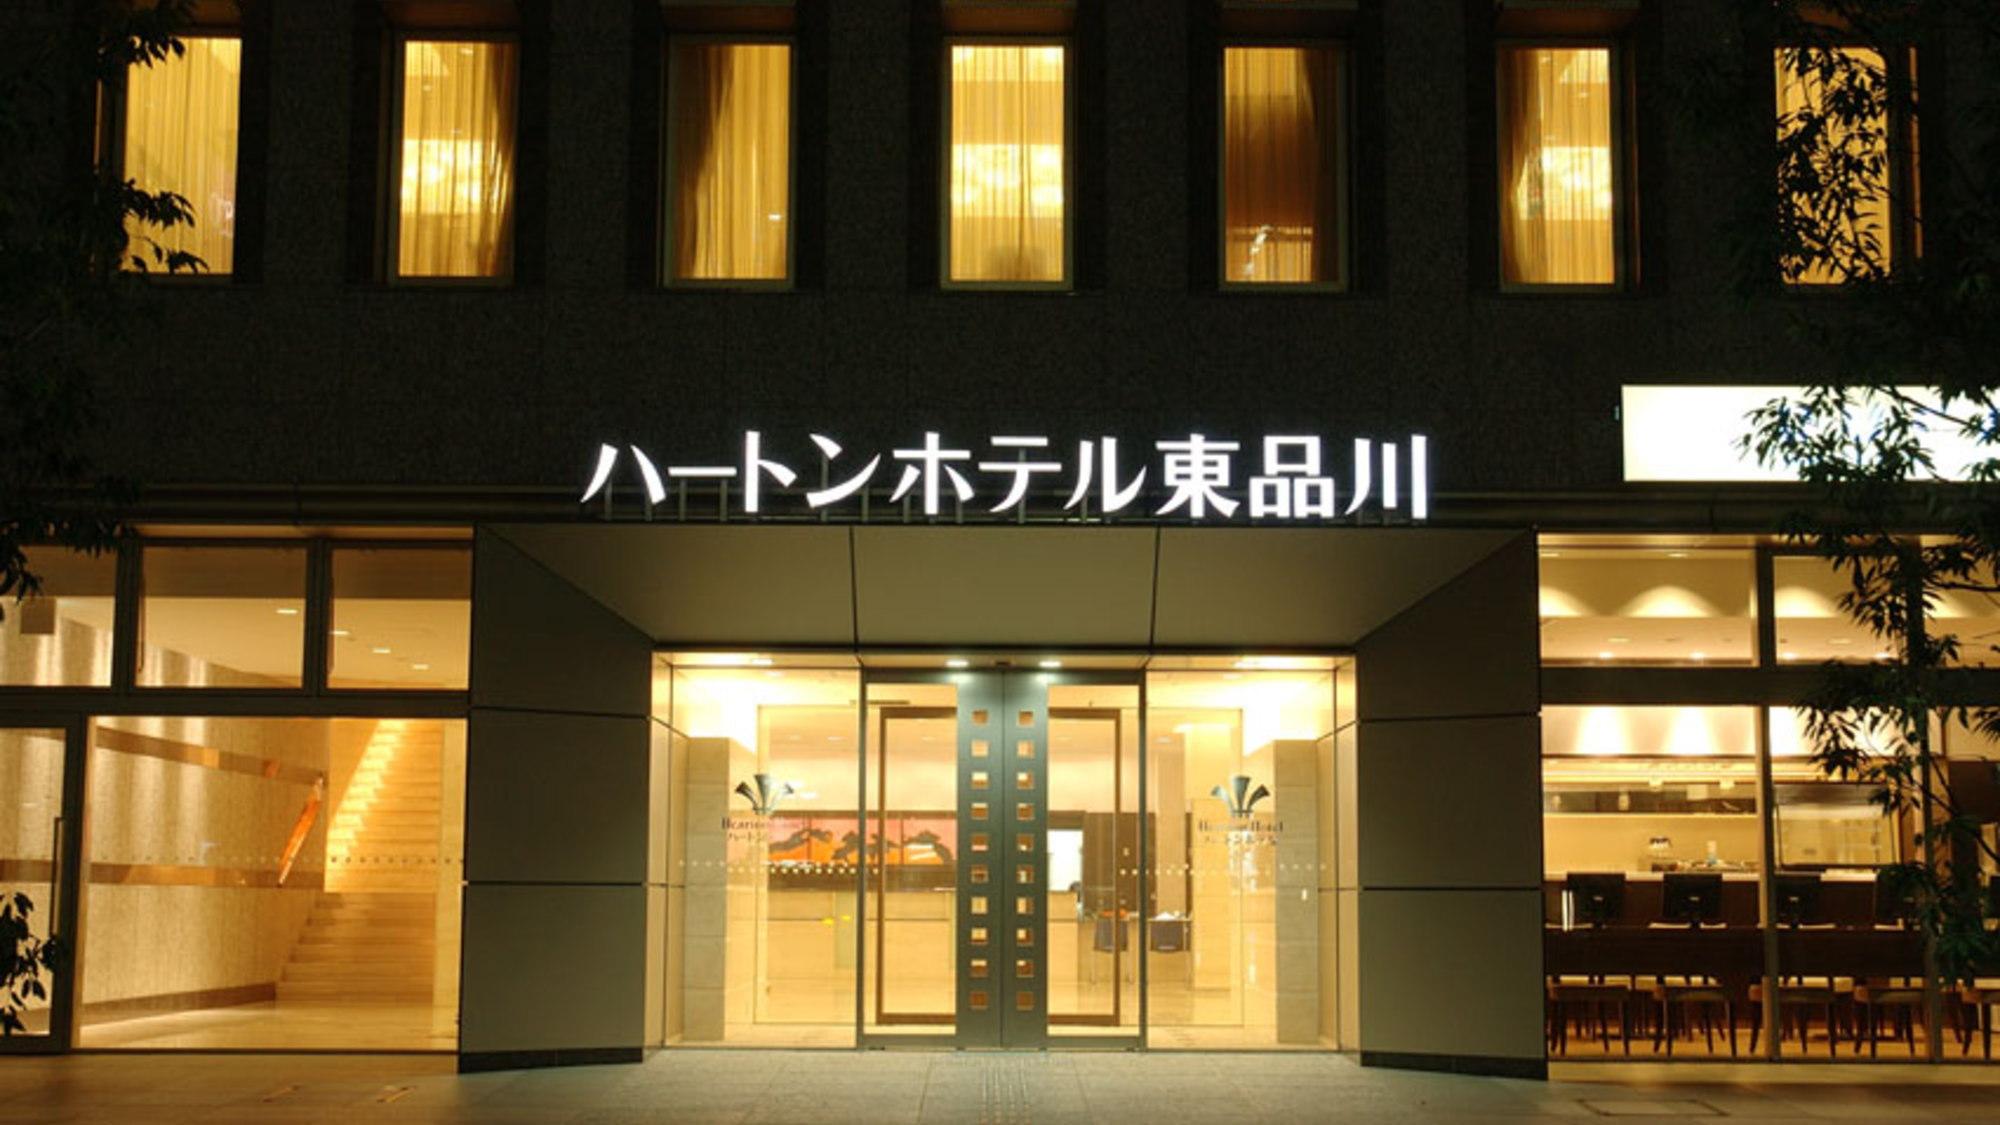 ハートン ホテル 東品川◆楽天トラベル